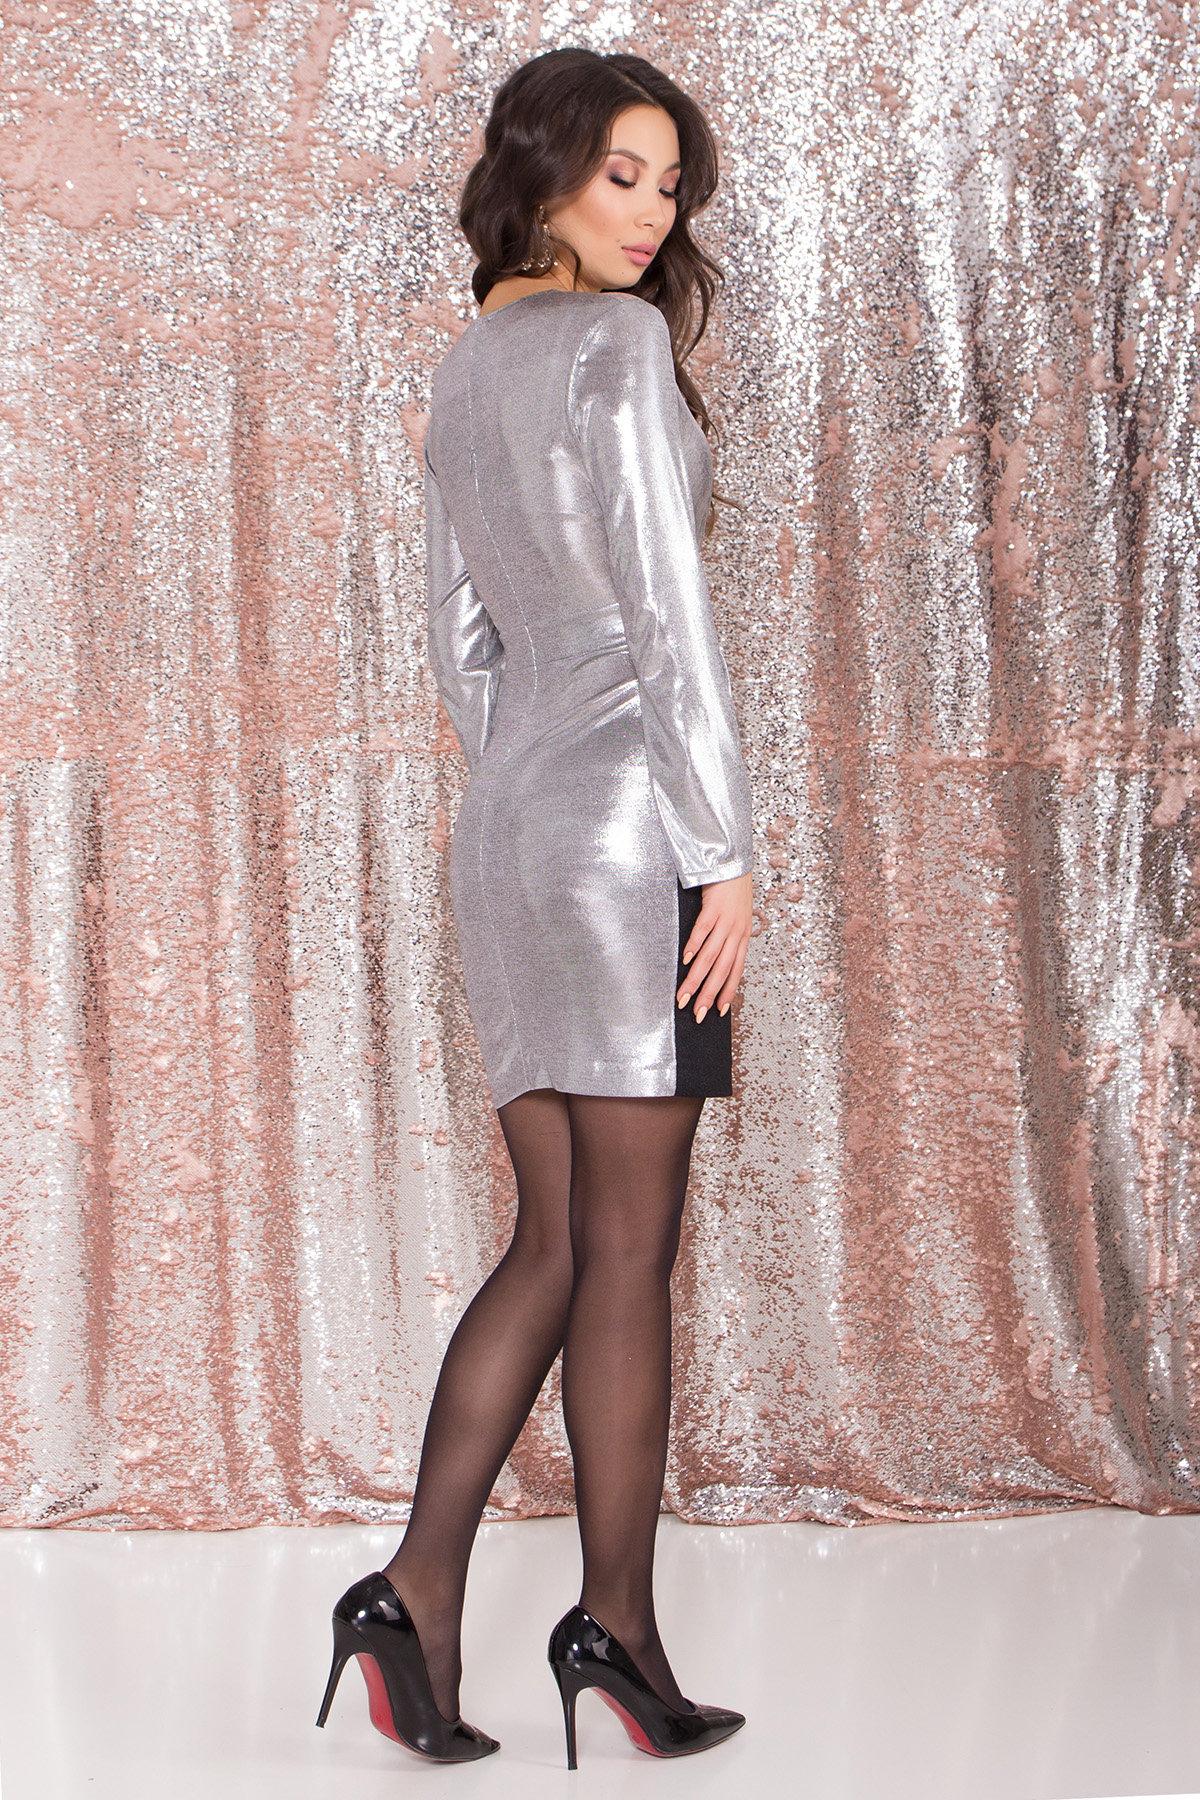 Контрастное двухцветное платье Блеск 8679 АРТ. 45004 Цвет: Серый/серебро - фото 6, интернет магазин tm-modus.ru